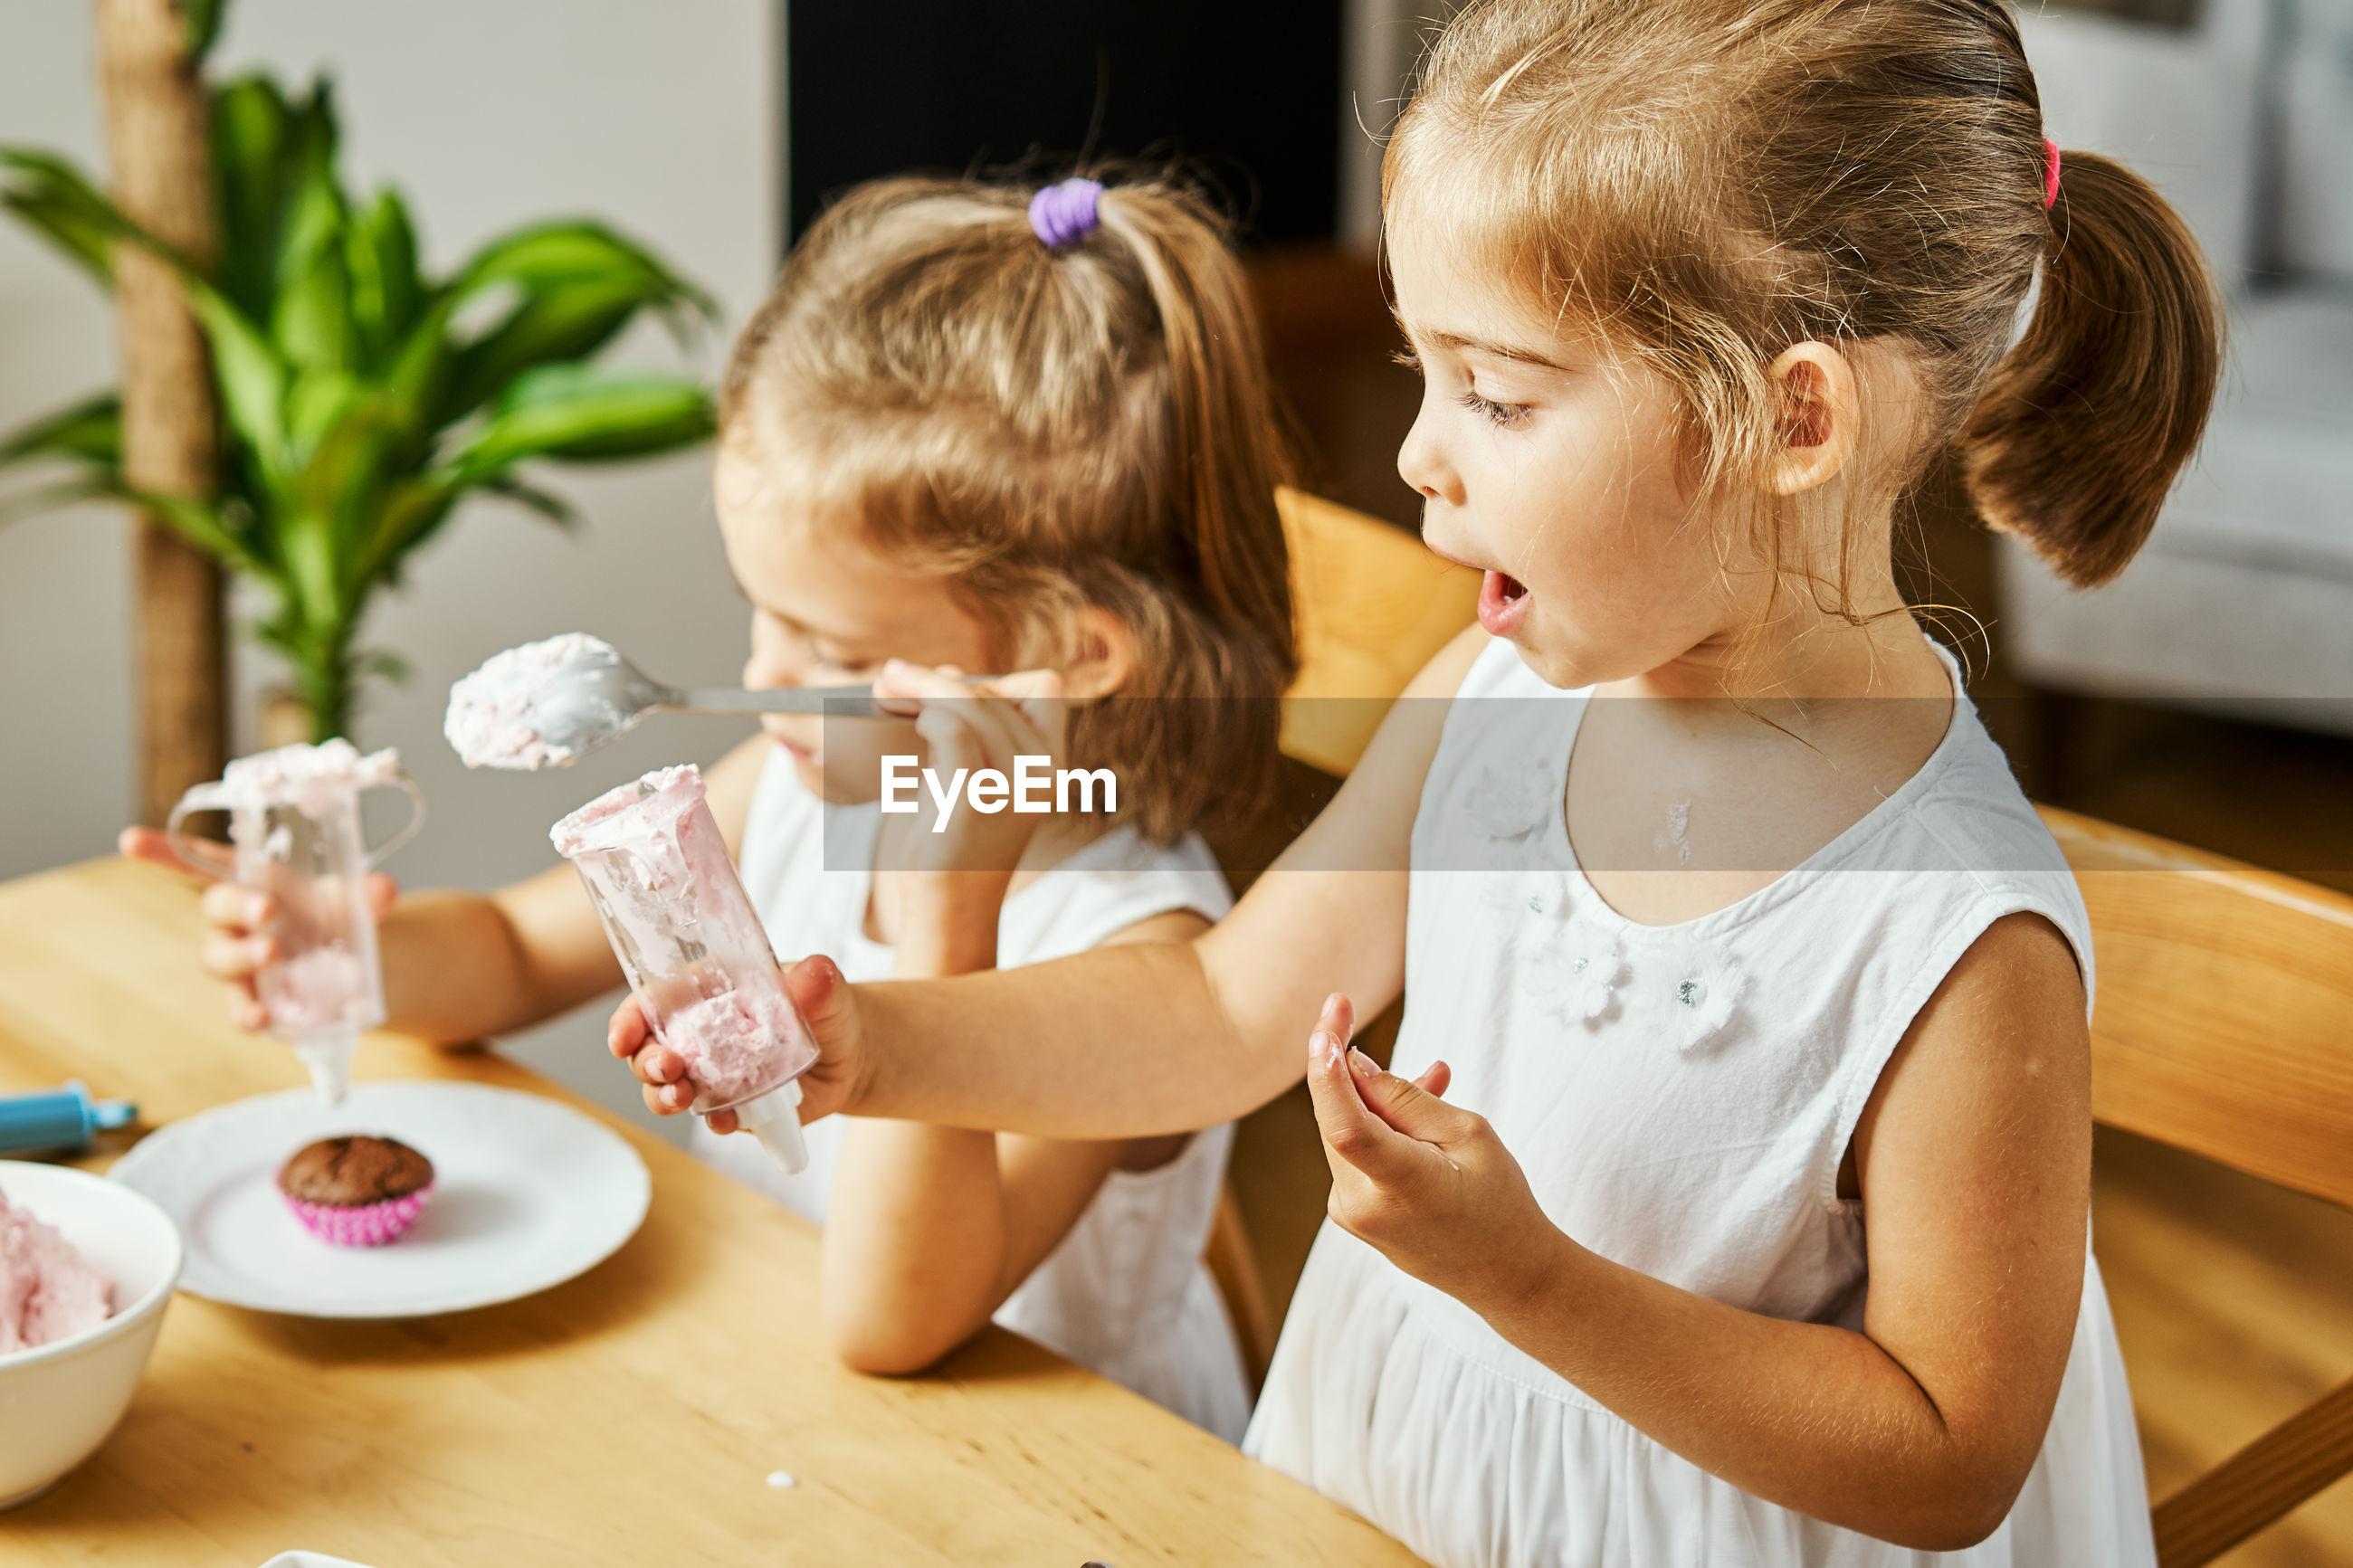 Siblings preparing food on table